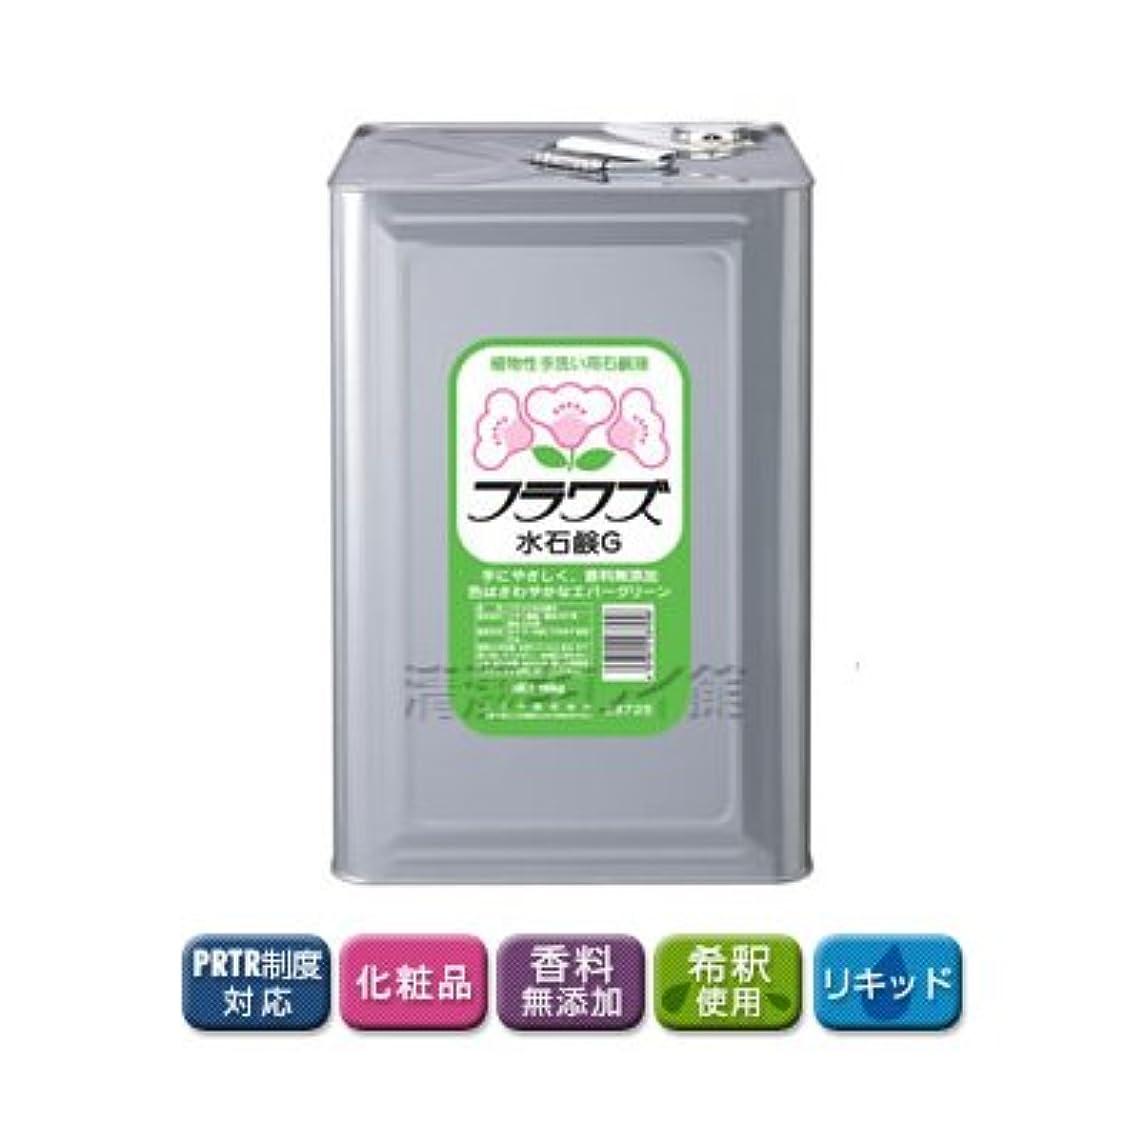 アニメーションマーチャンダイザーキャッチ【清潔キレイ館】サラヤ フラワズ水石鹸液G(18L)